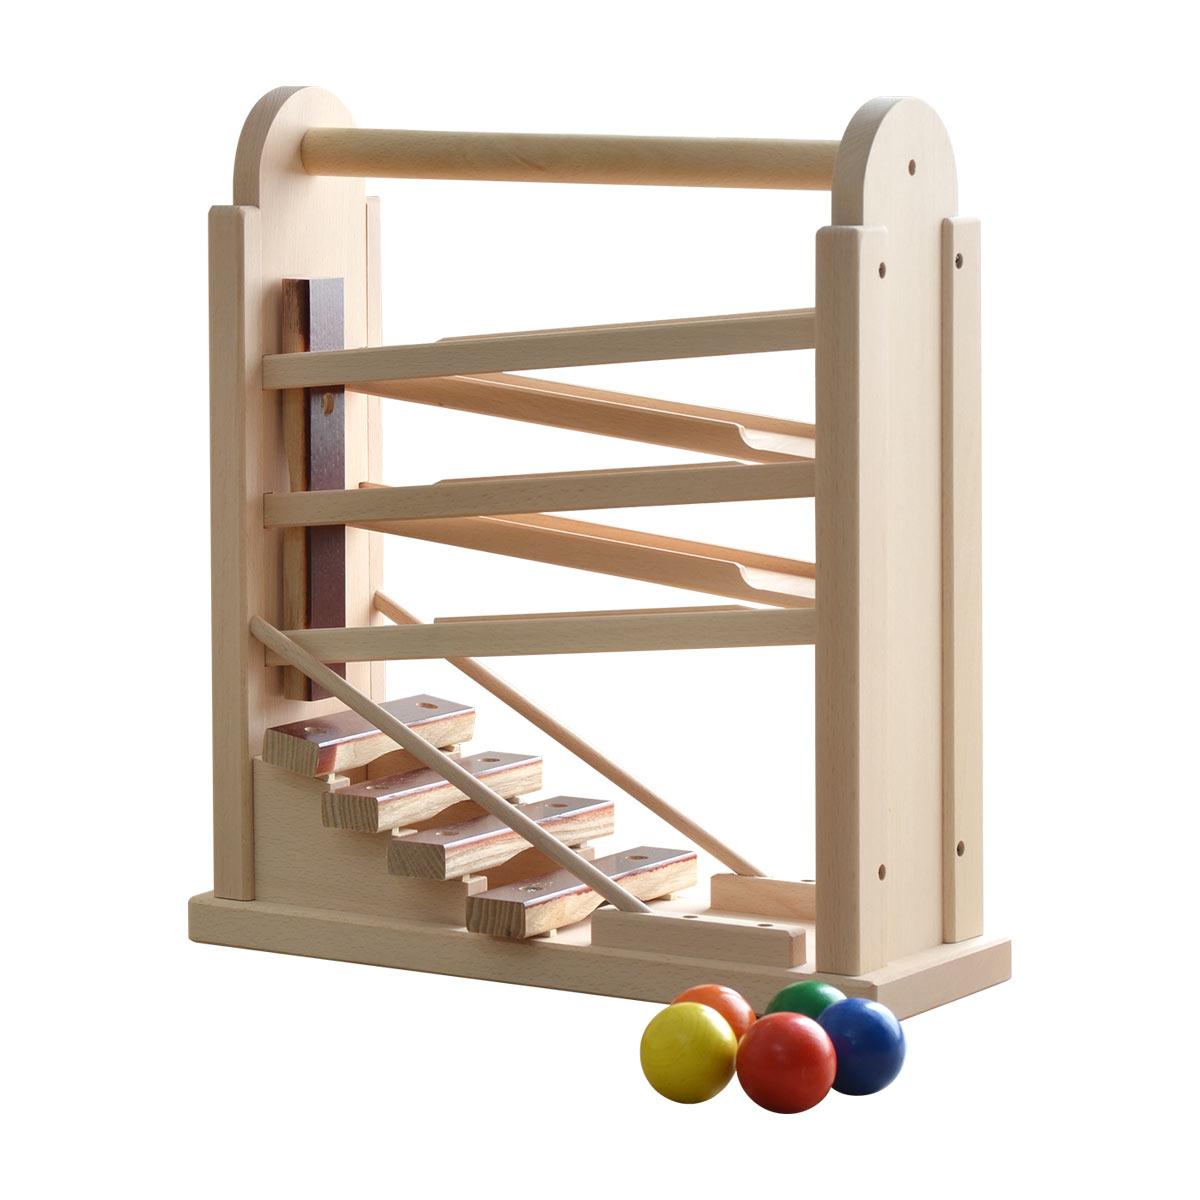 1年保証 コイデ KOIDE 日本製 おもちゃ 玩具 コロコロシロホン M63 木琴 ボール 楽器 スロープ 知育 室内 3歳 男の子 女の子 子供 幼児 ベビー 知育玩具 出産祝い 誕生日 ウッド 天然木 国産 ■[送料無料]